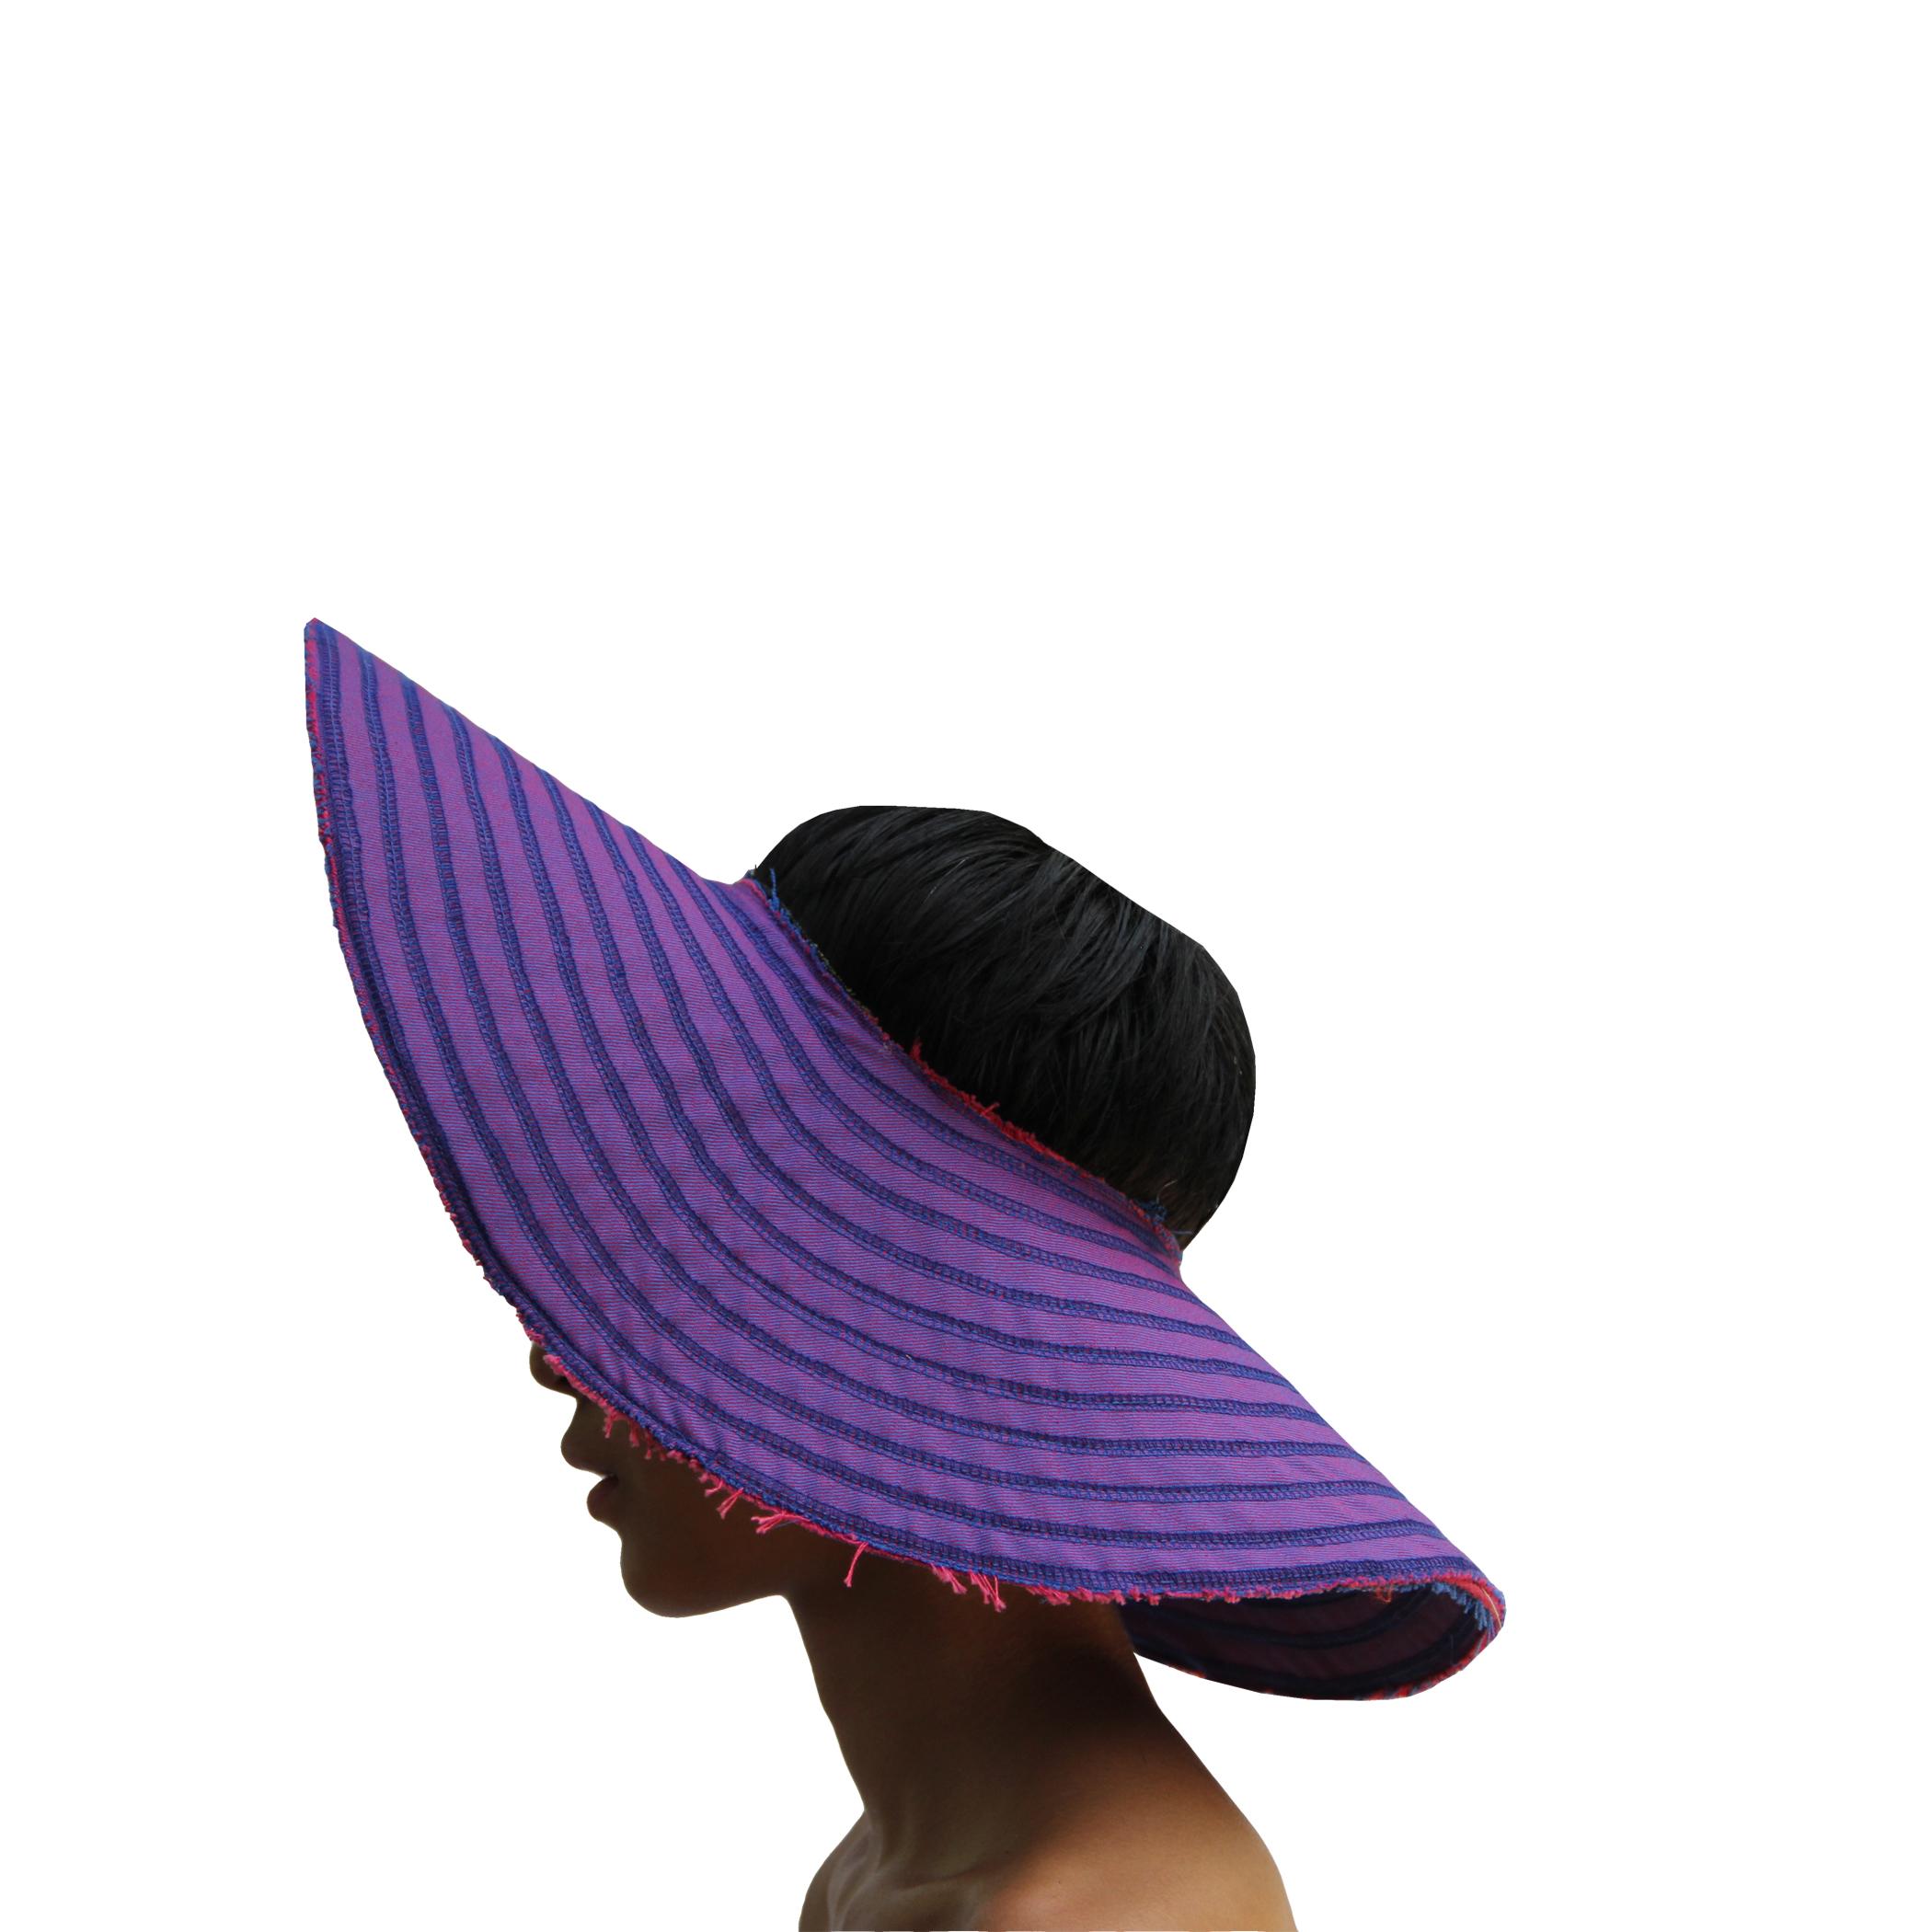 HAT - $50